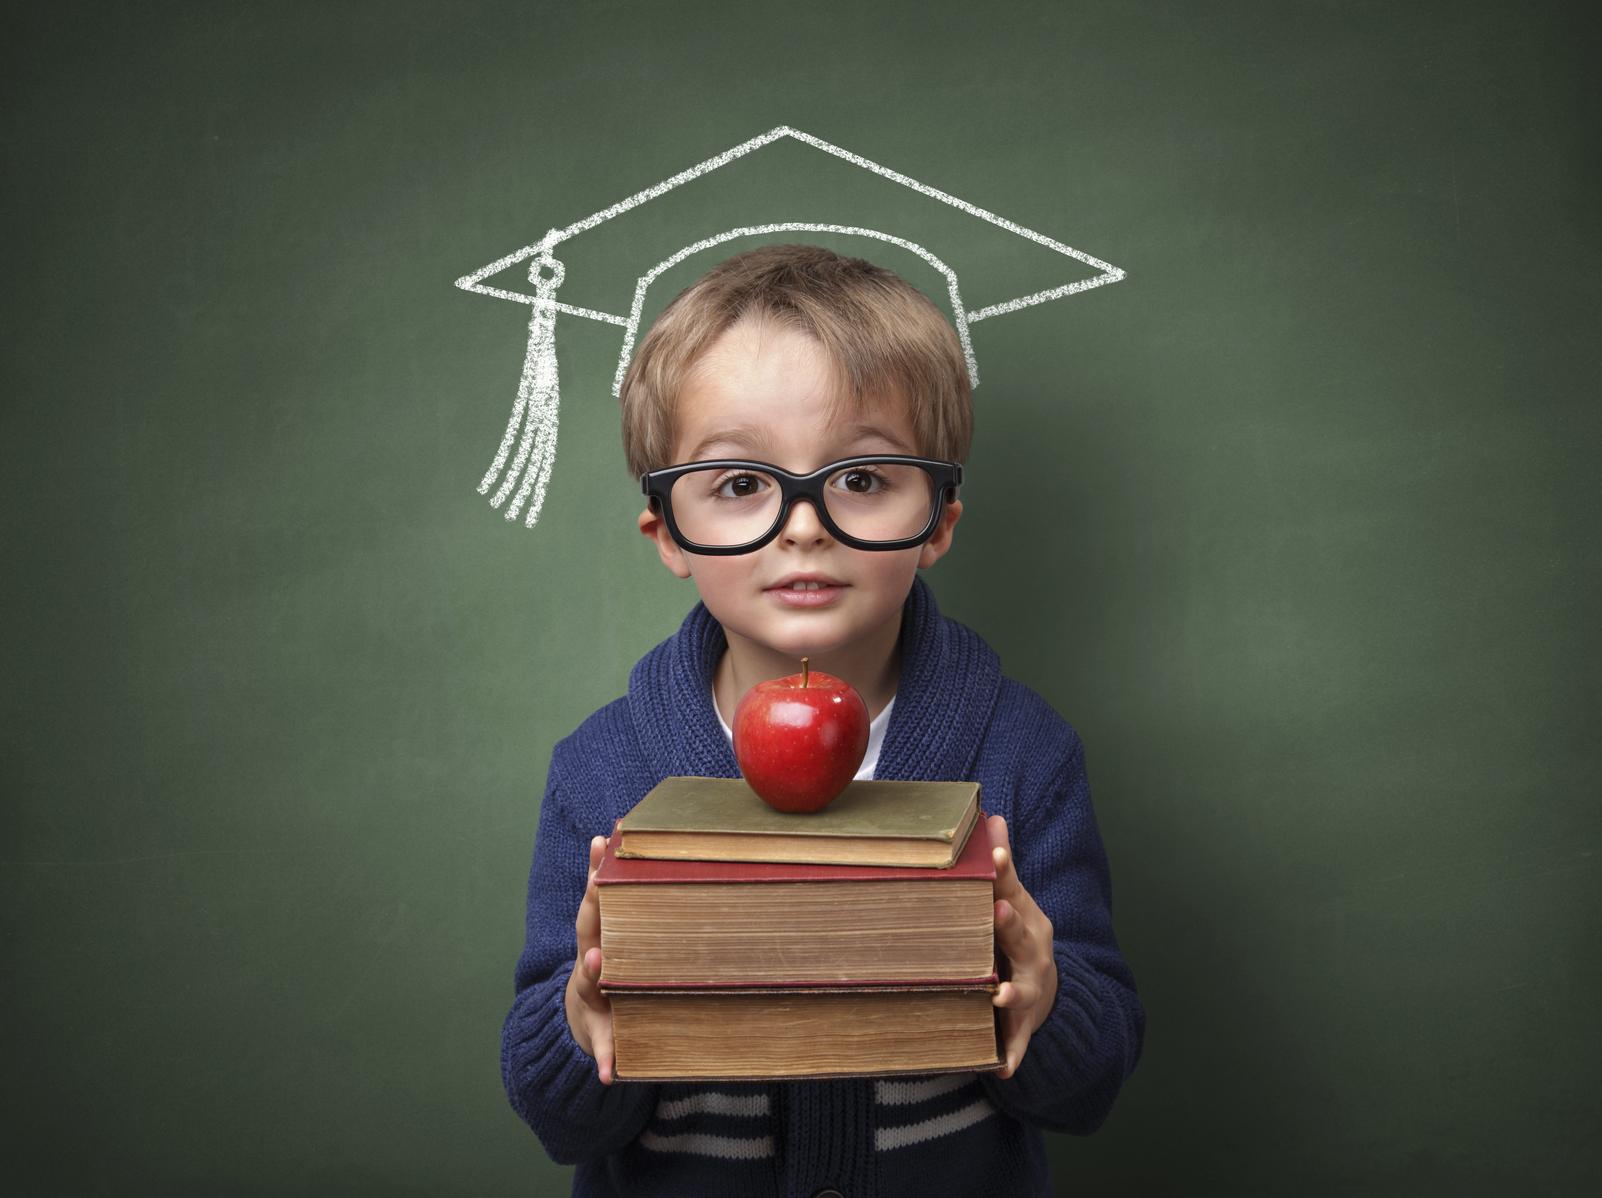 Multiple Intelligence Test for Children | LoveToKnow